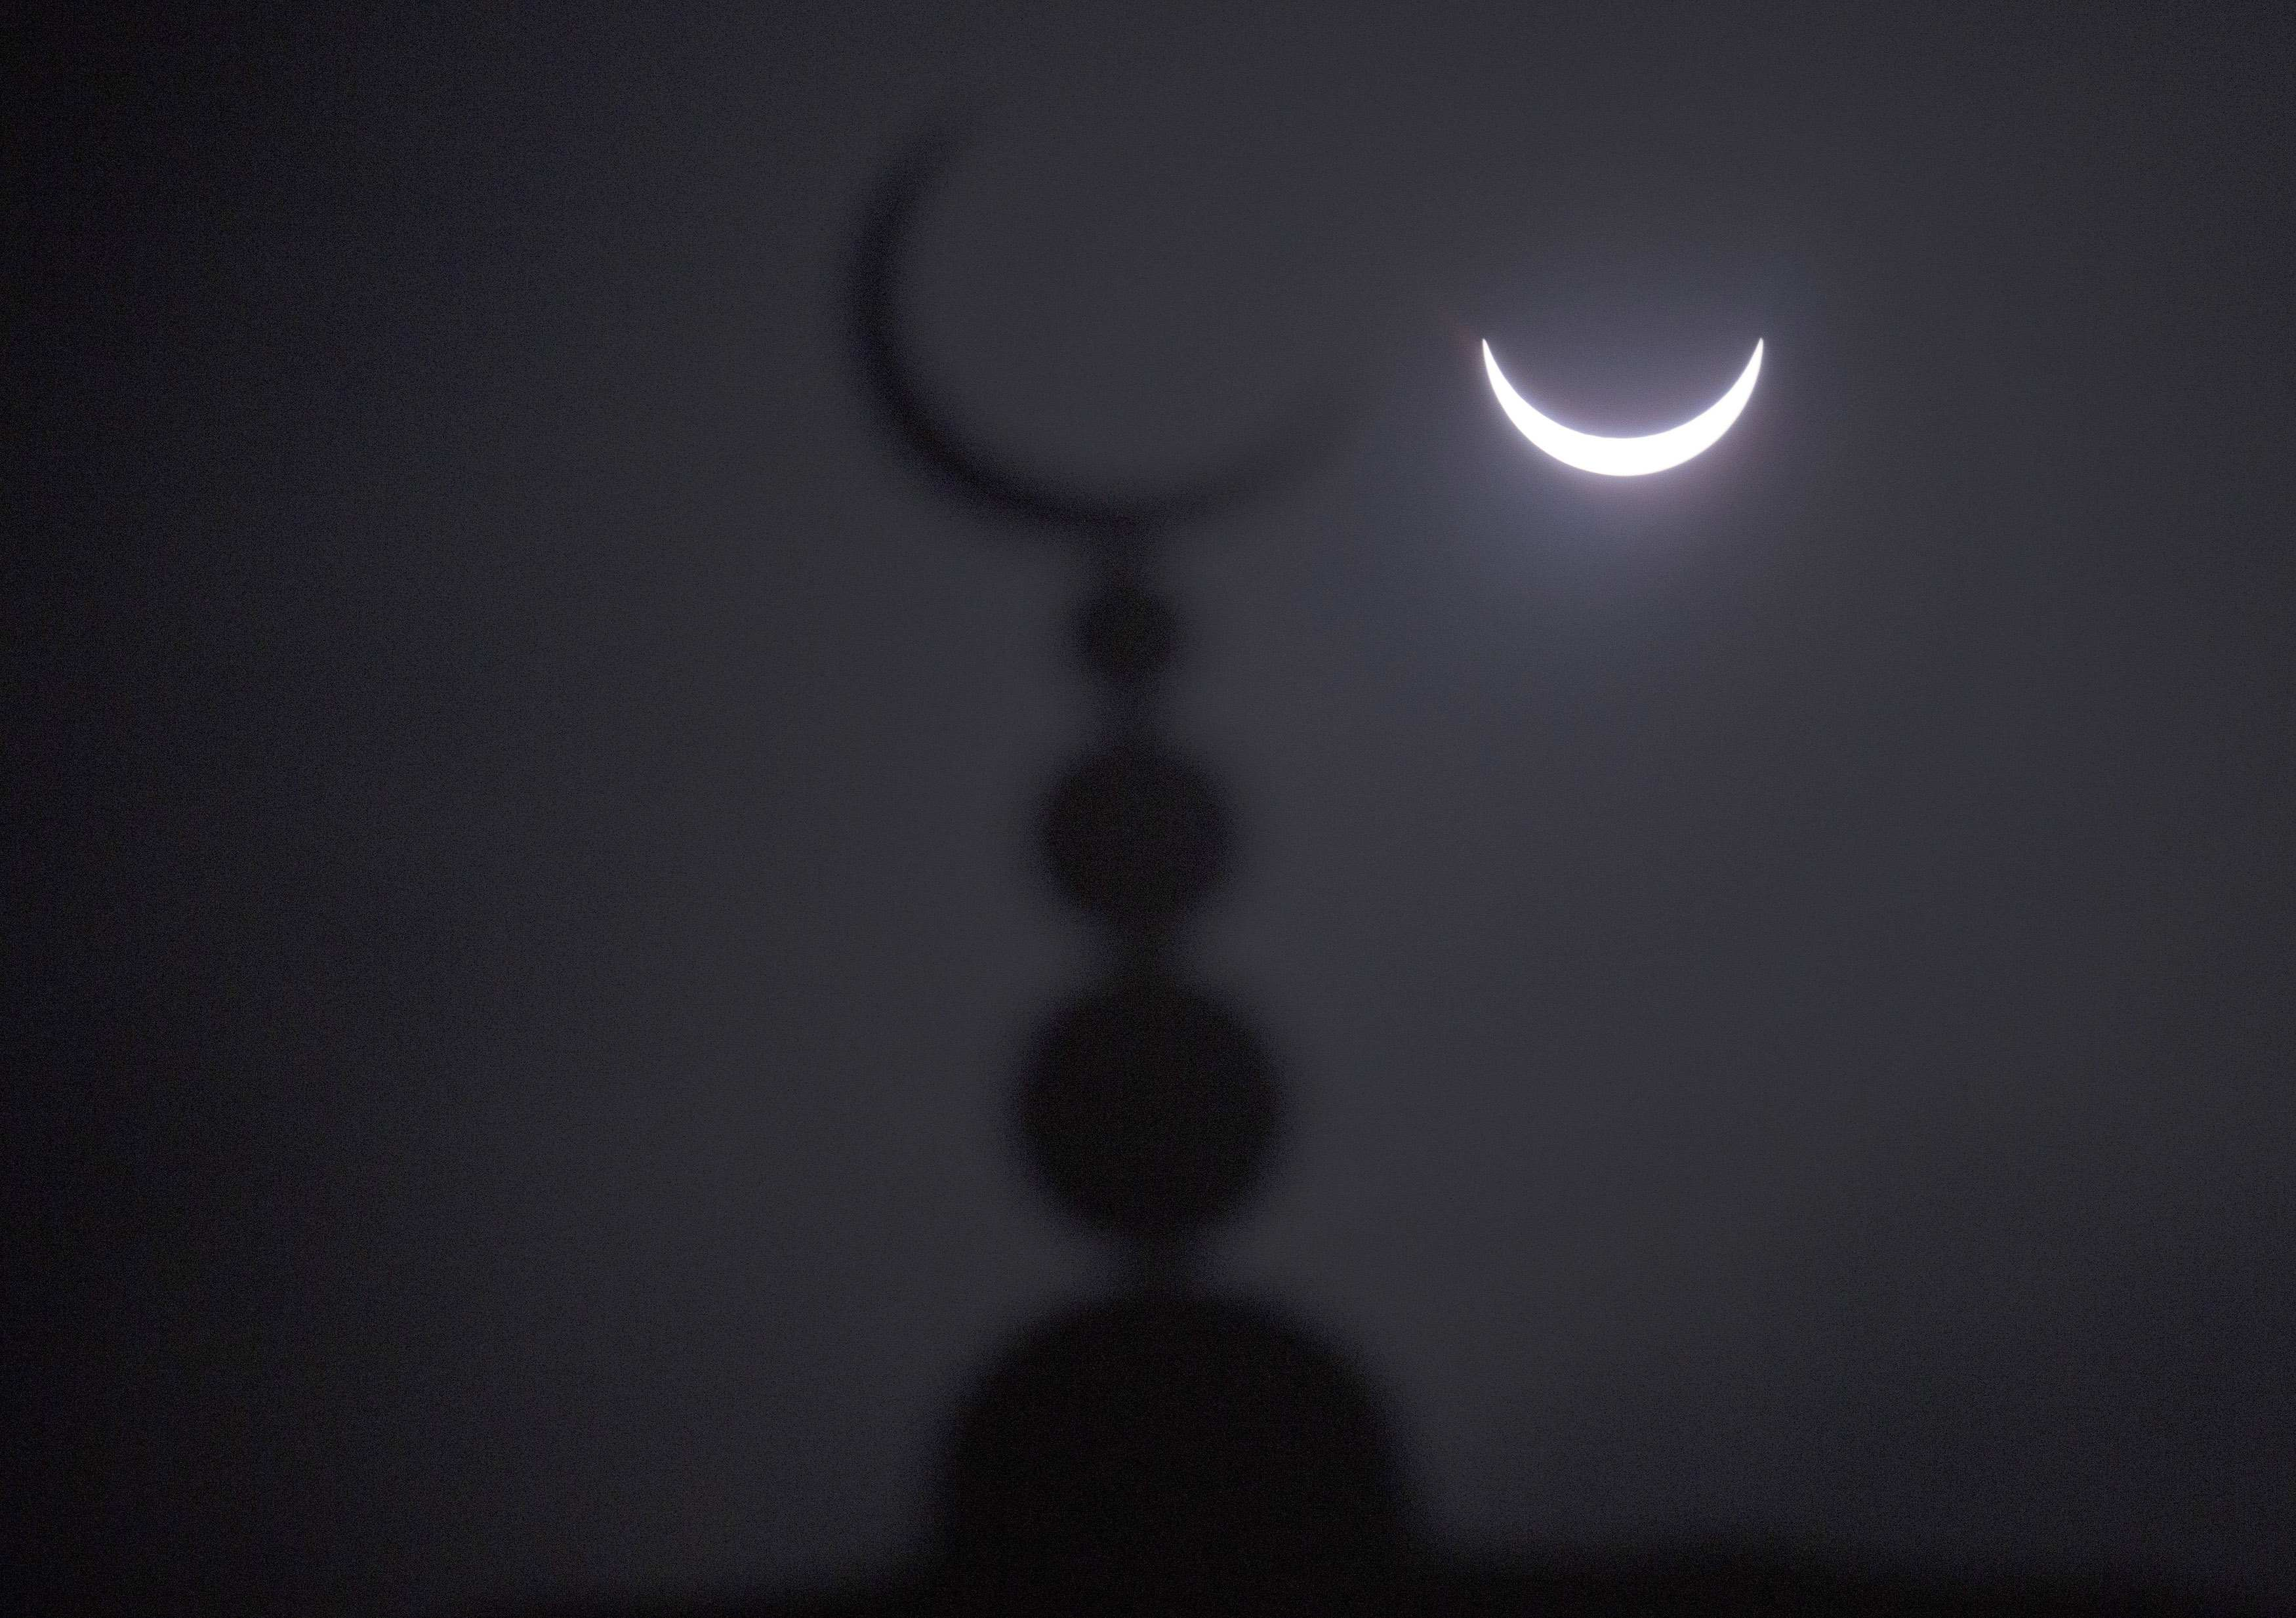 Опубликованы первые фото и видео солнечного затмения